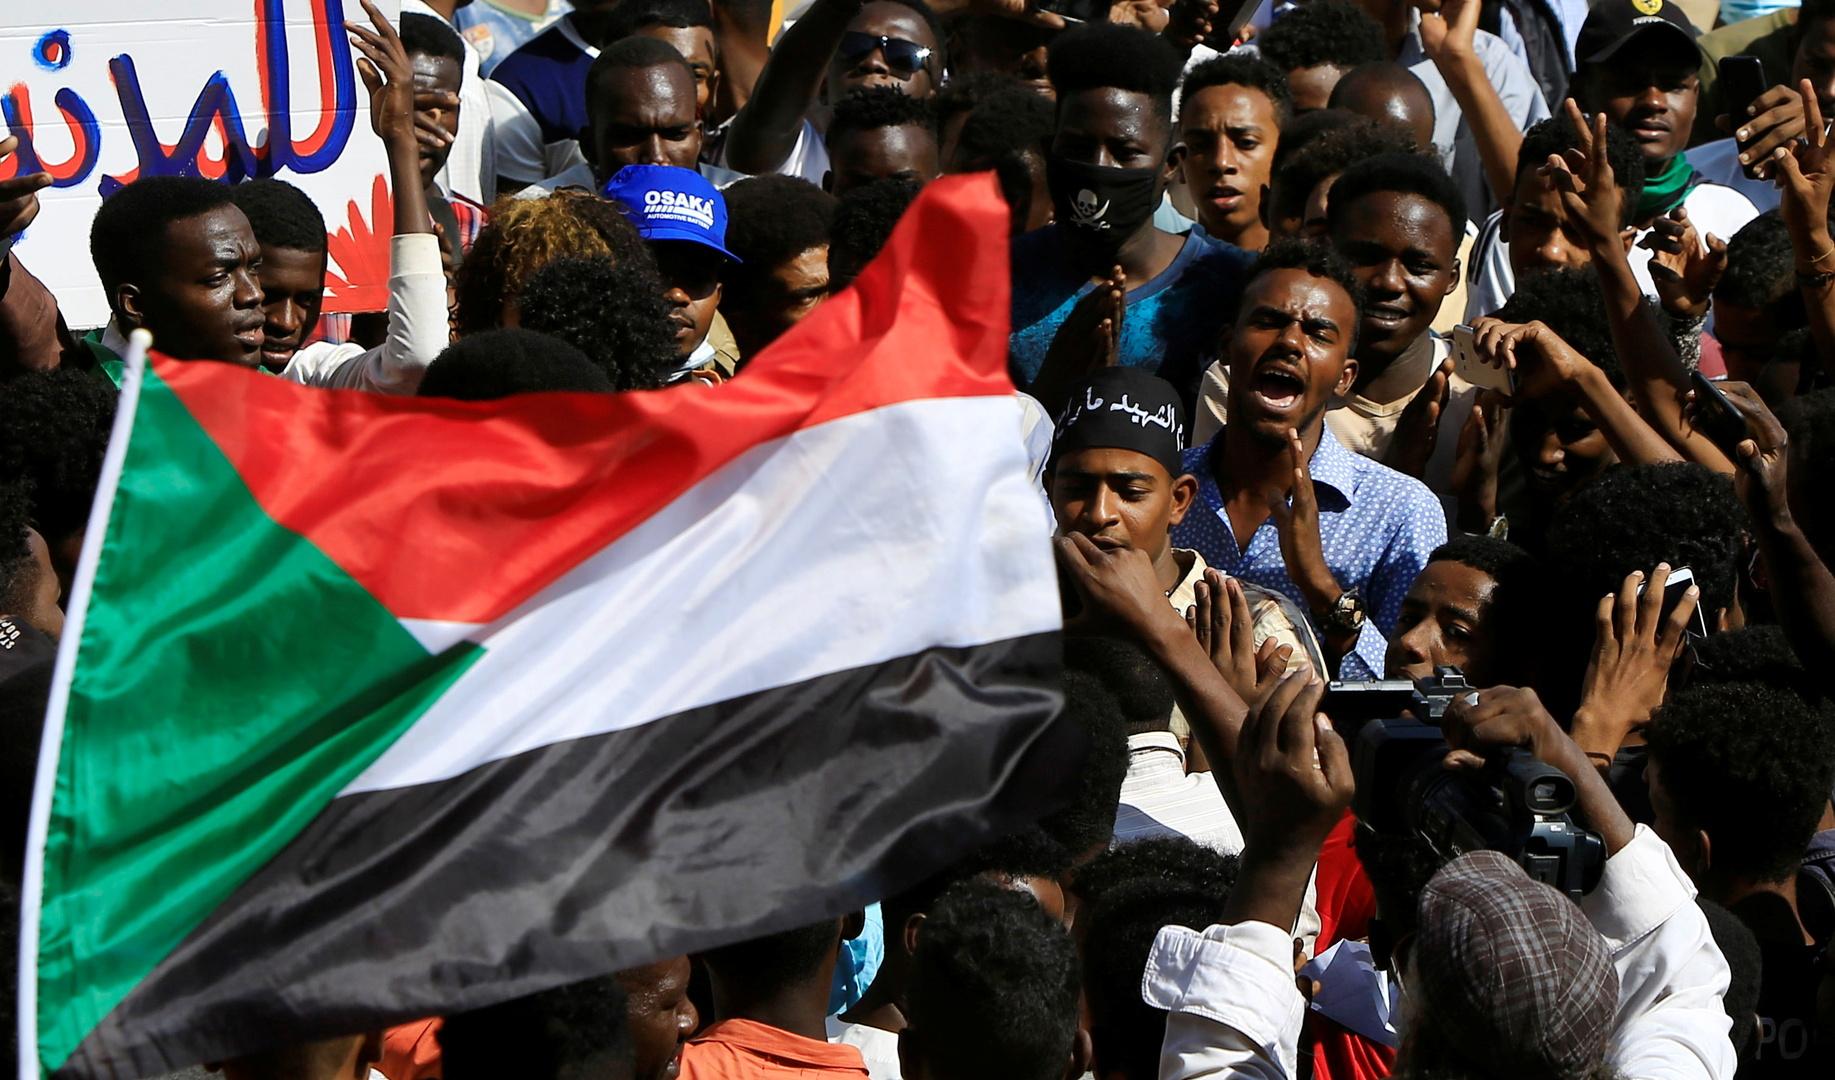 تقرير: تهريب 267 طنا من الذهب السوداني خلال 7 سنوات